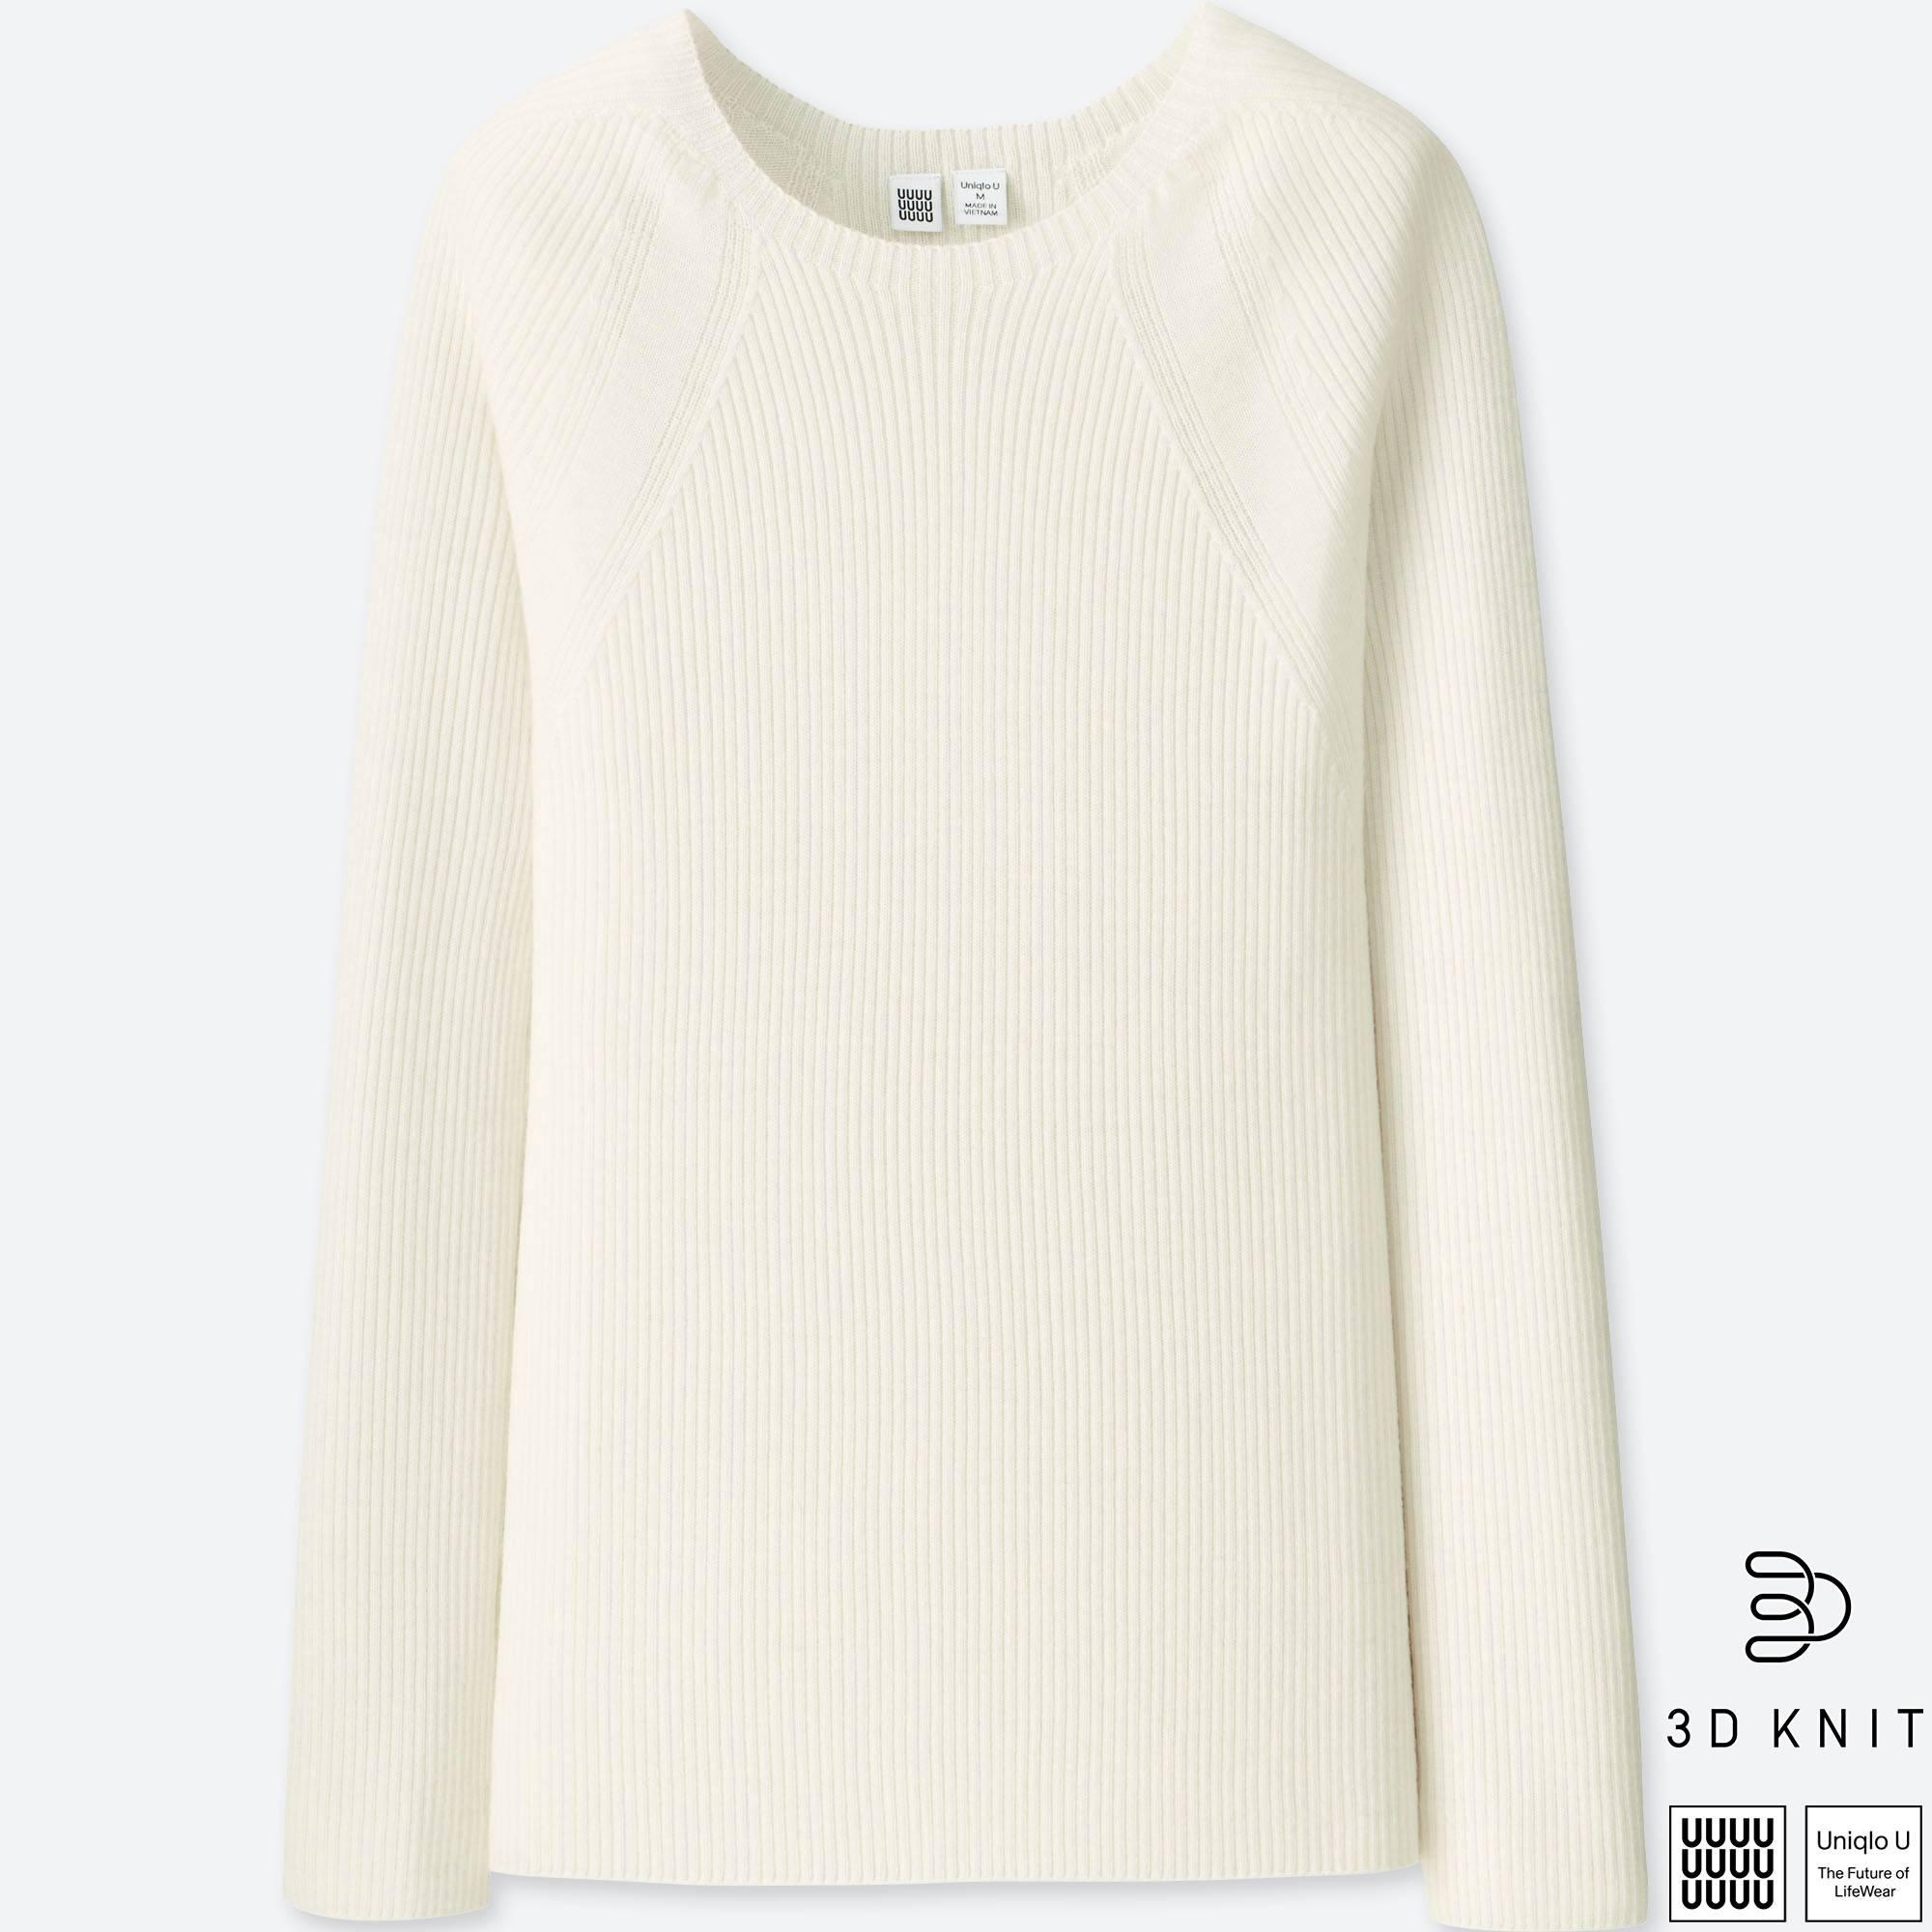 9f0ae58976a Uniqlo Women U 3d Extra Fine Merino Ribbed Sweater in White - Lyst